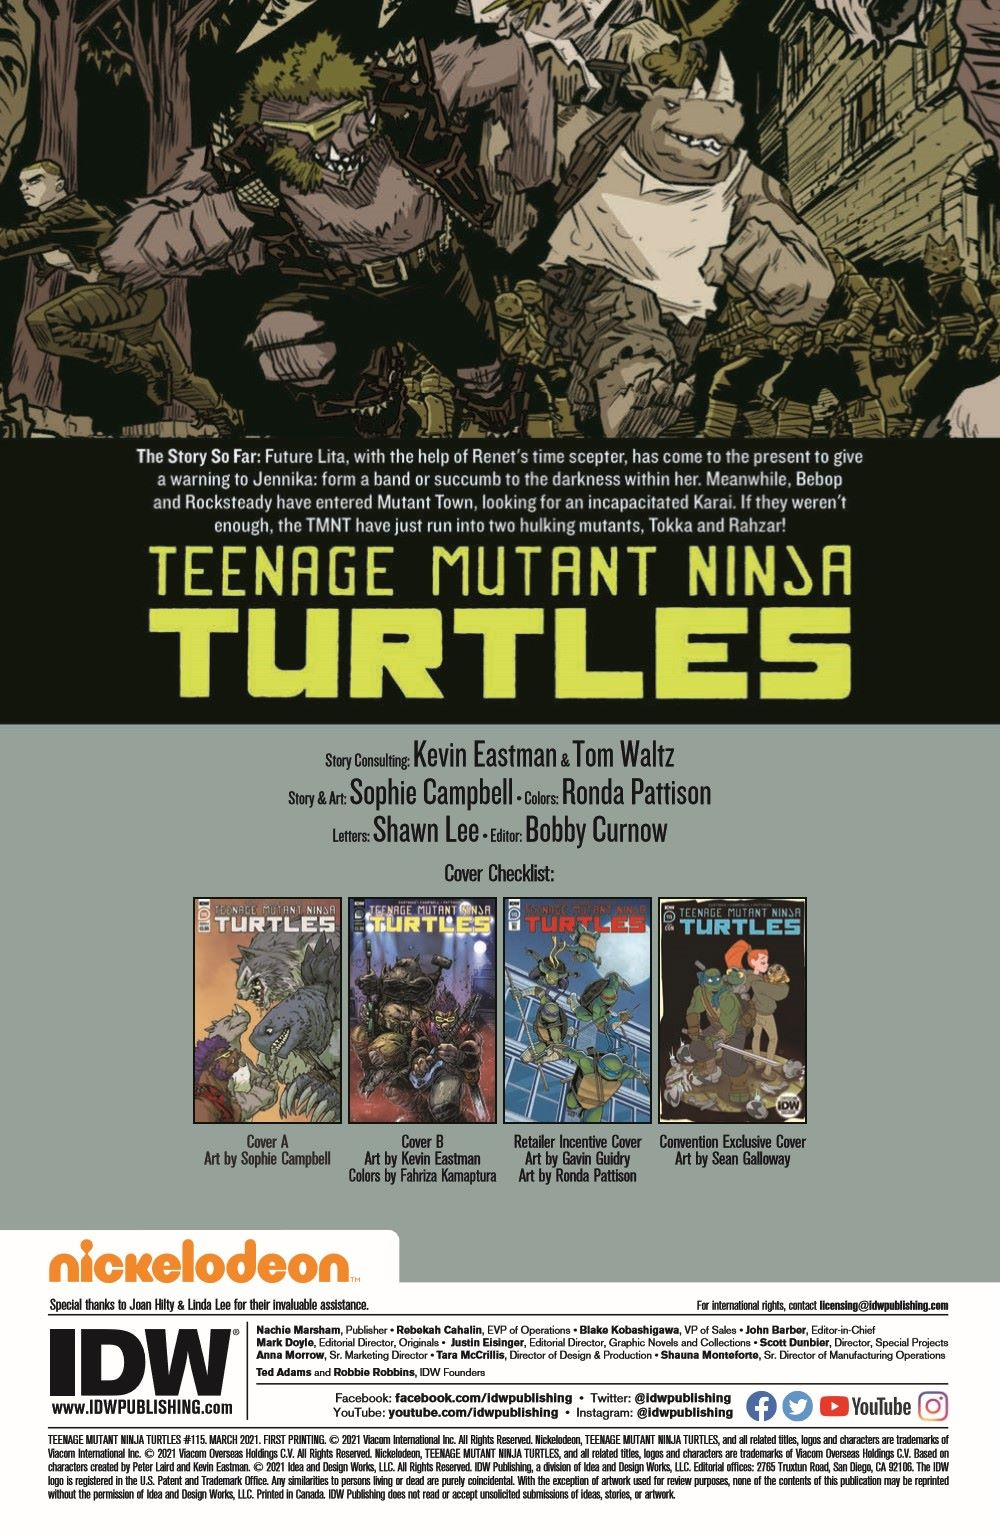 TMNT115_pr-2 ComicList Previews: TEENAGE MUTANT NINJA TURTLES #115